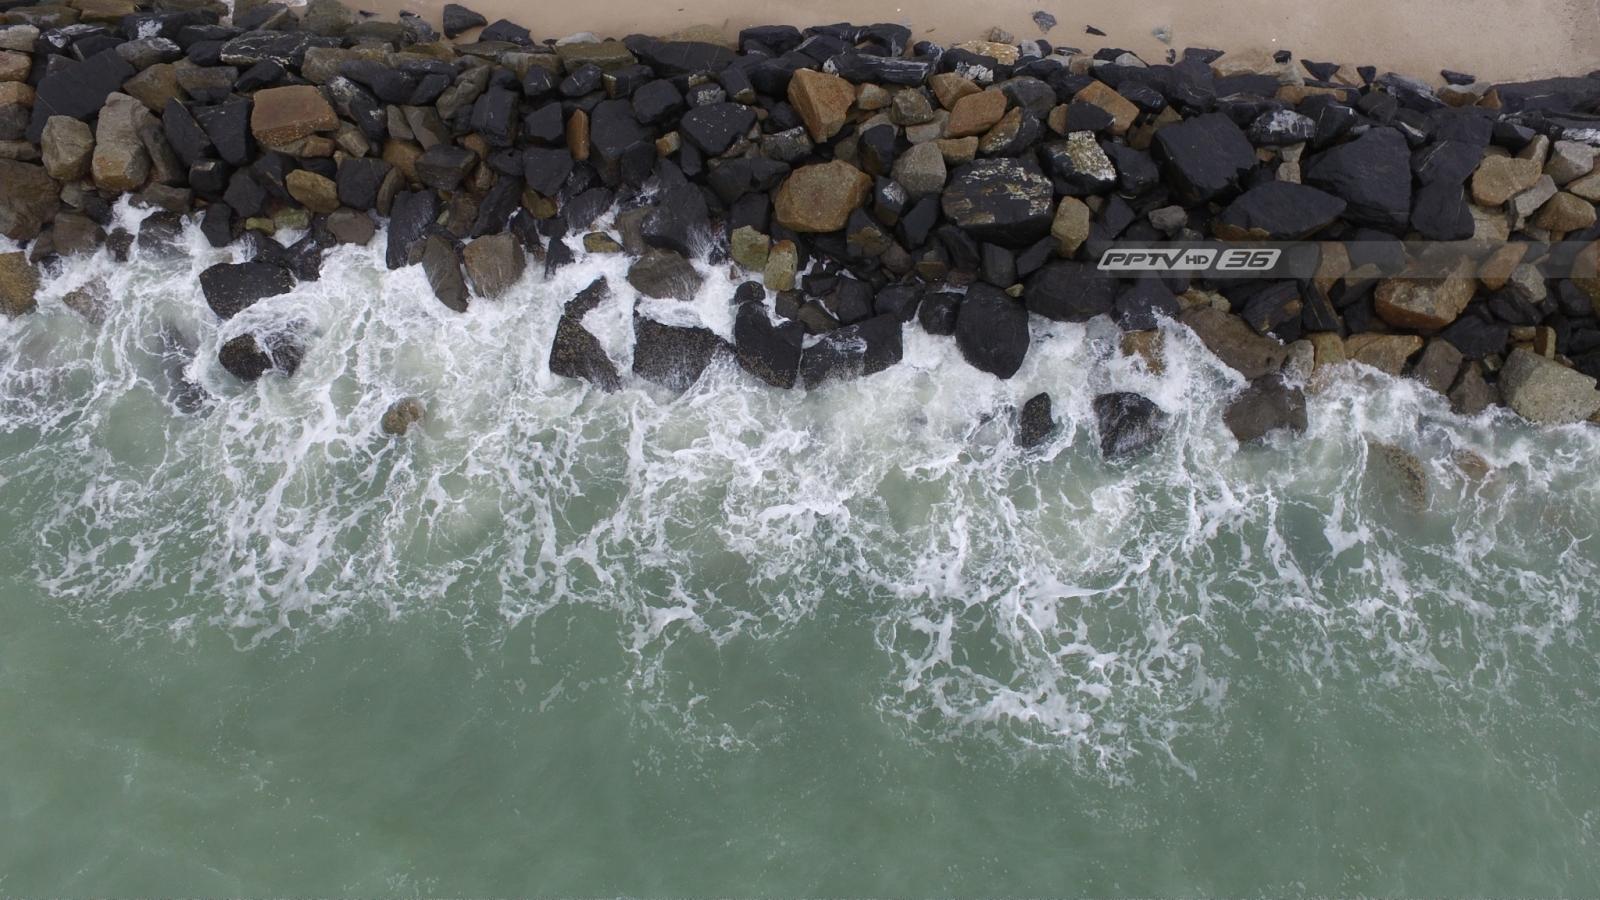 อุตุฯ เตือน ภาคใต้คลื่นลมแรง 2-3 เมตร 12-16 มิ.ย.นี้